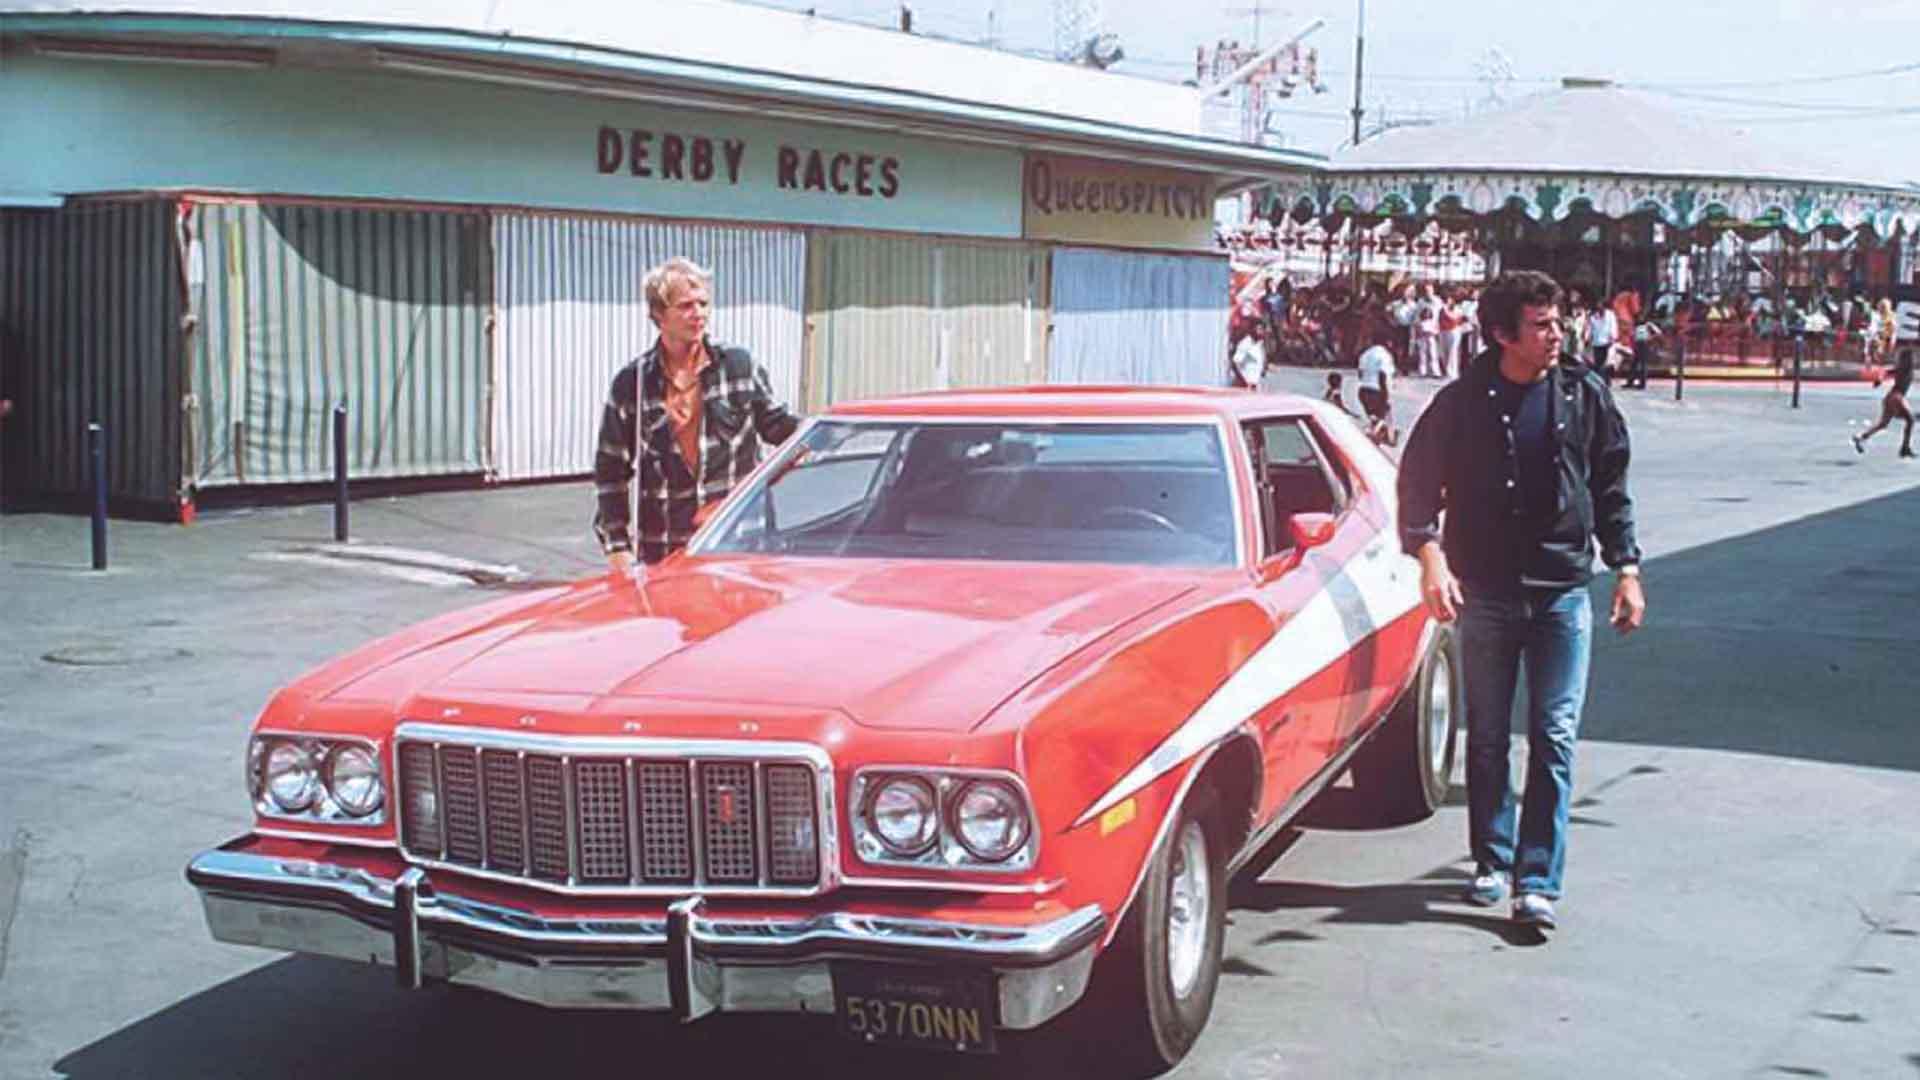 La Gran Torino di Starsky e Hutch è tornata protagonista nel 2009 con il film di Clint Eastwood